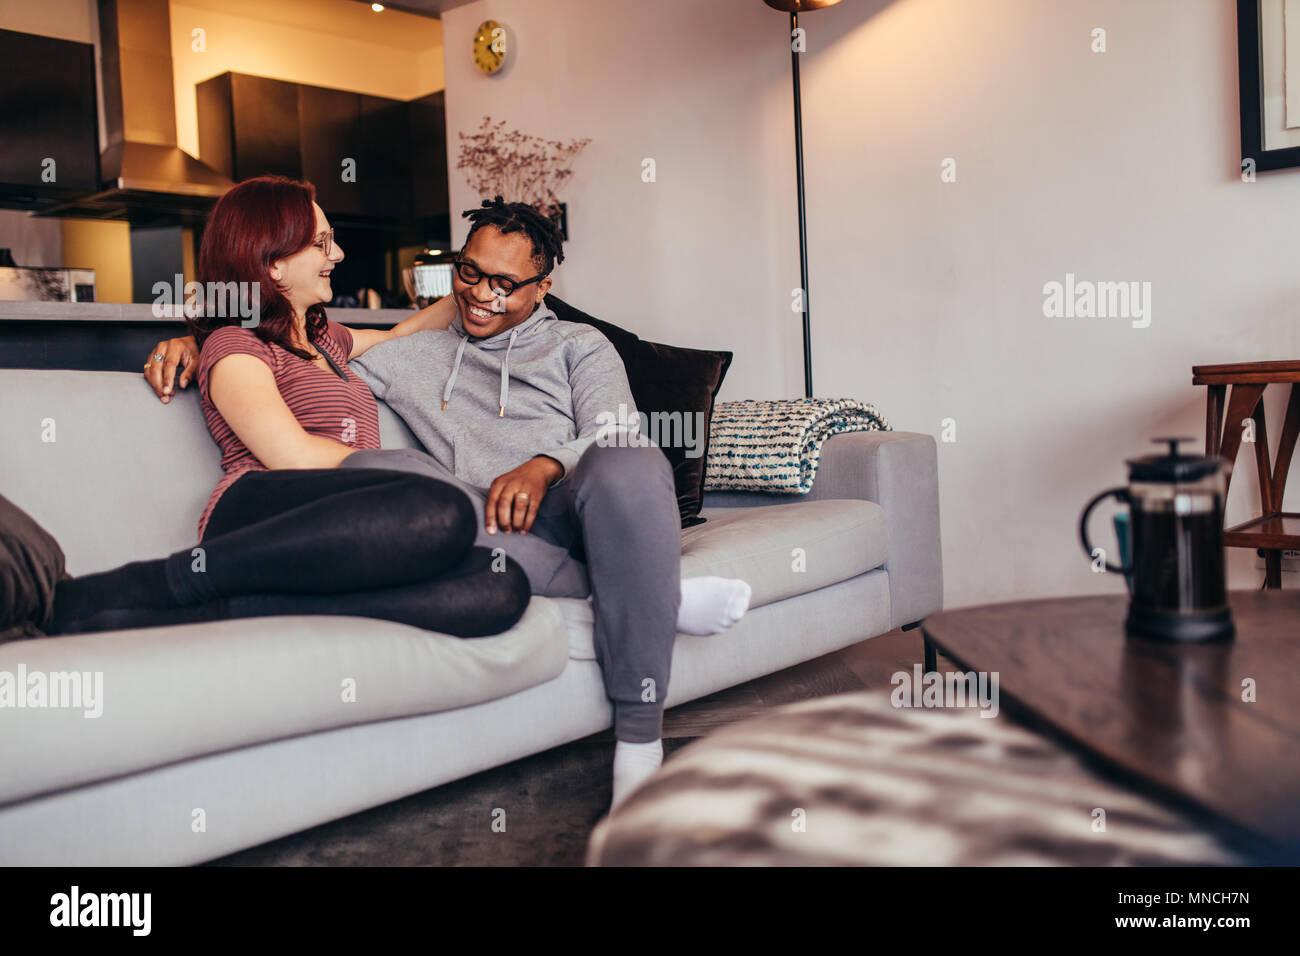 Fröhliche Interracial Paare Sitzen Auf Einer Couch Im Wohnzimmer